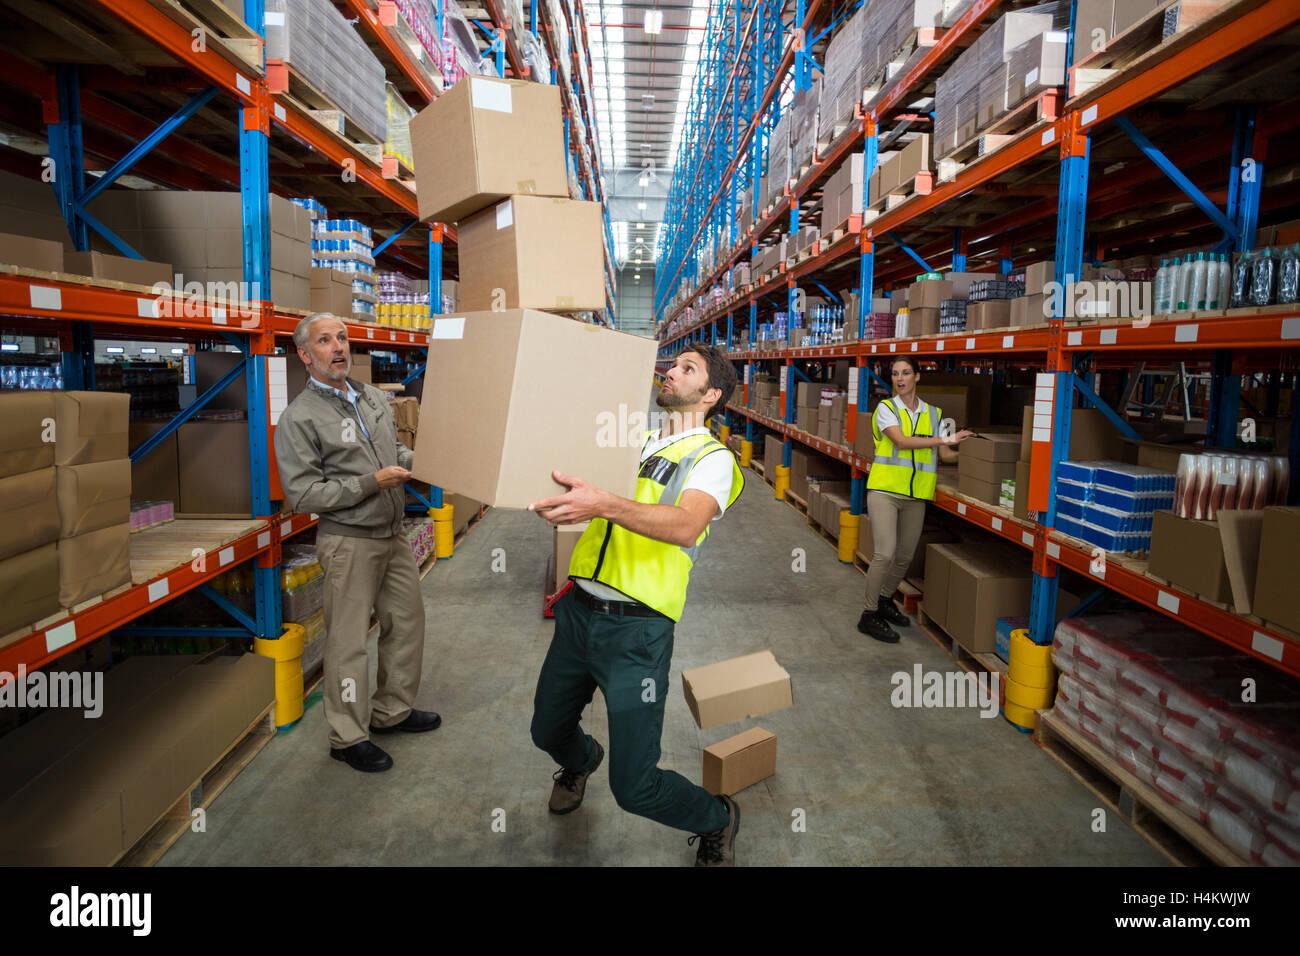 Trabajador perder el equilibrio mientras transportaba cajas de cartón Imagen De Stock